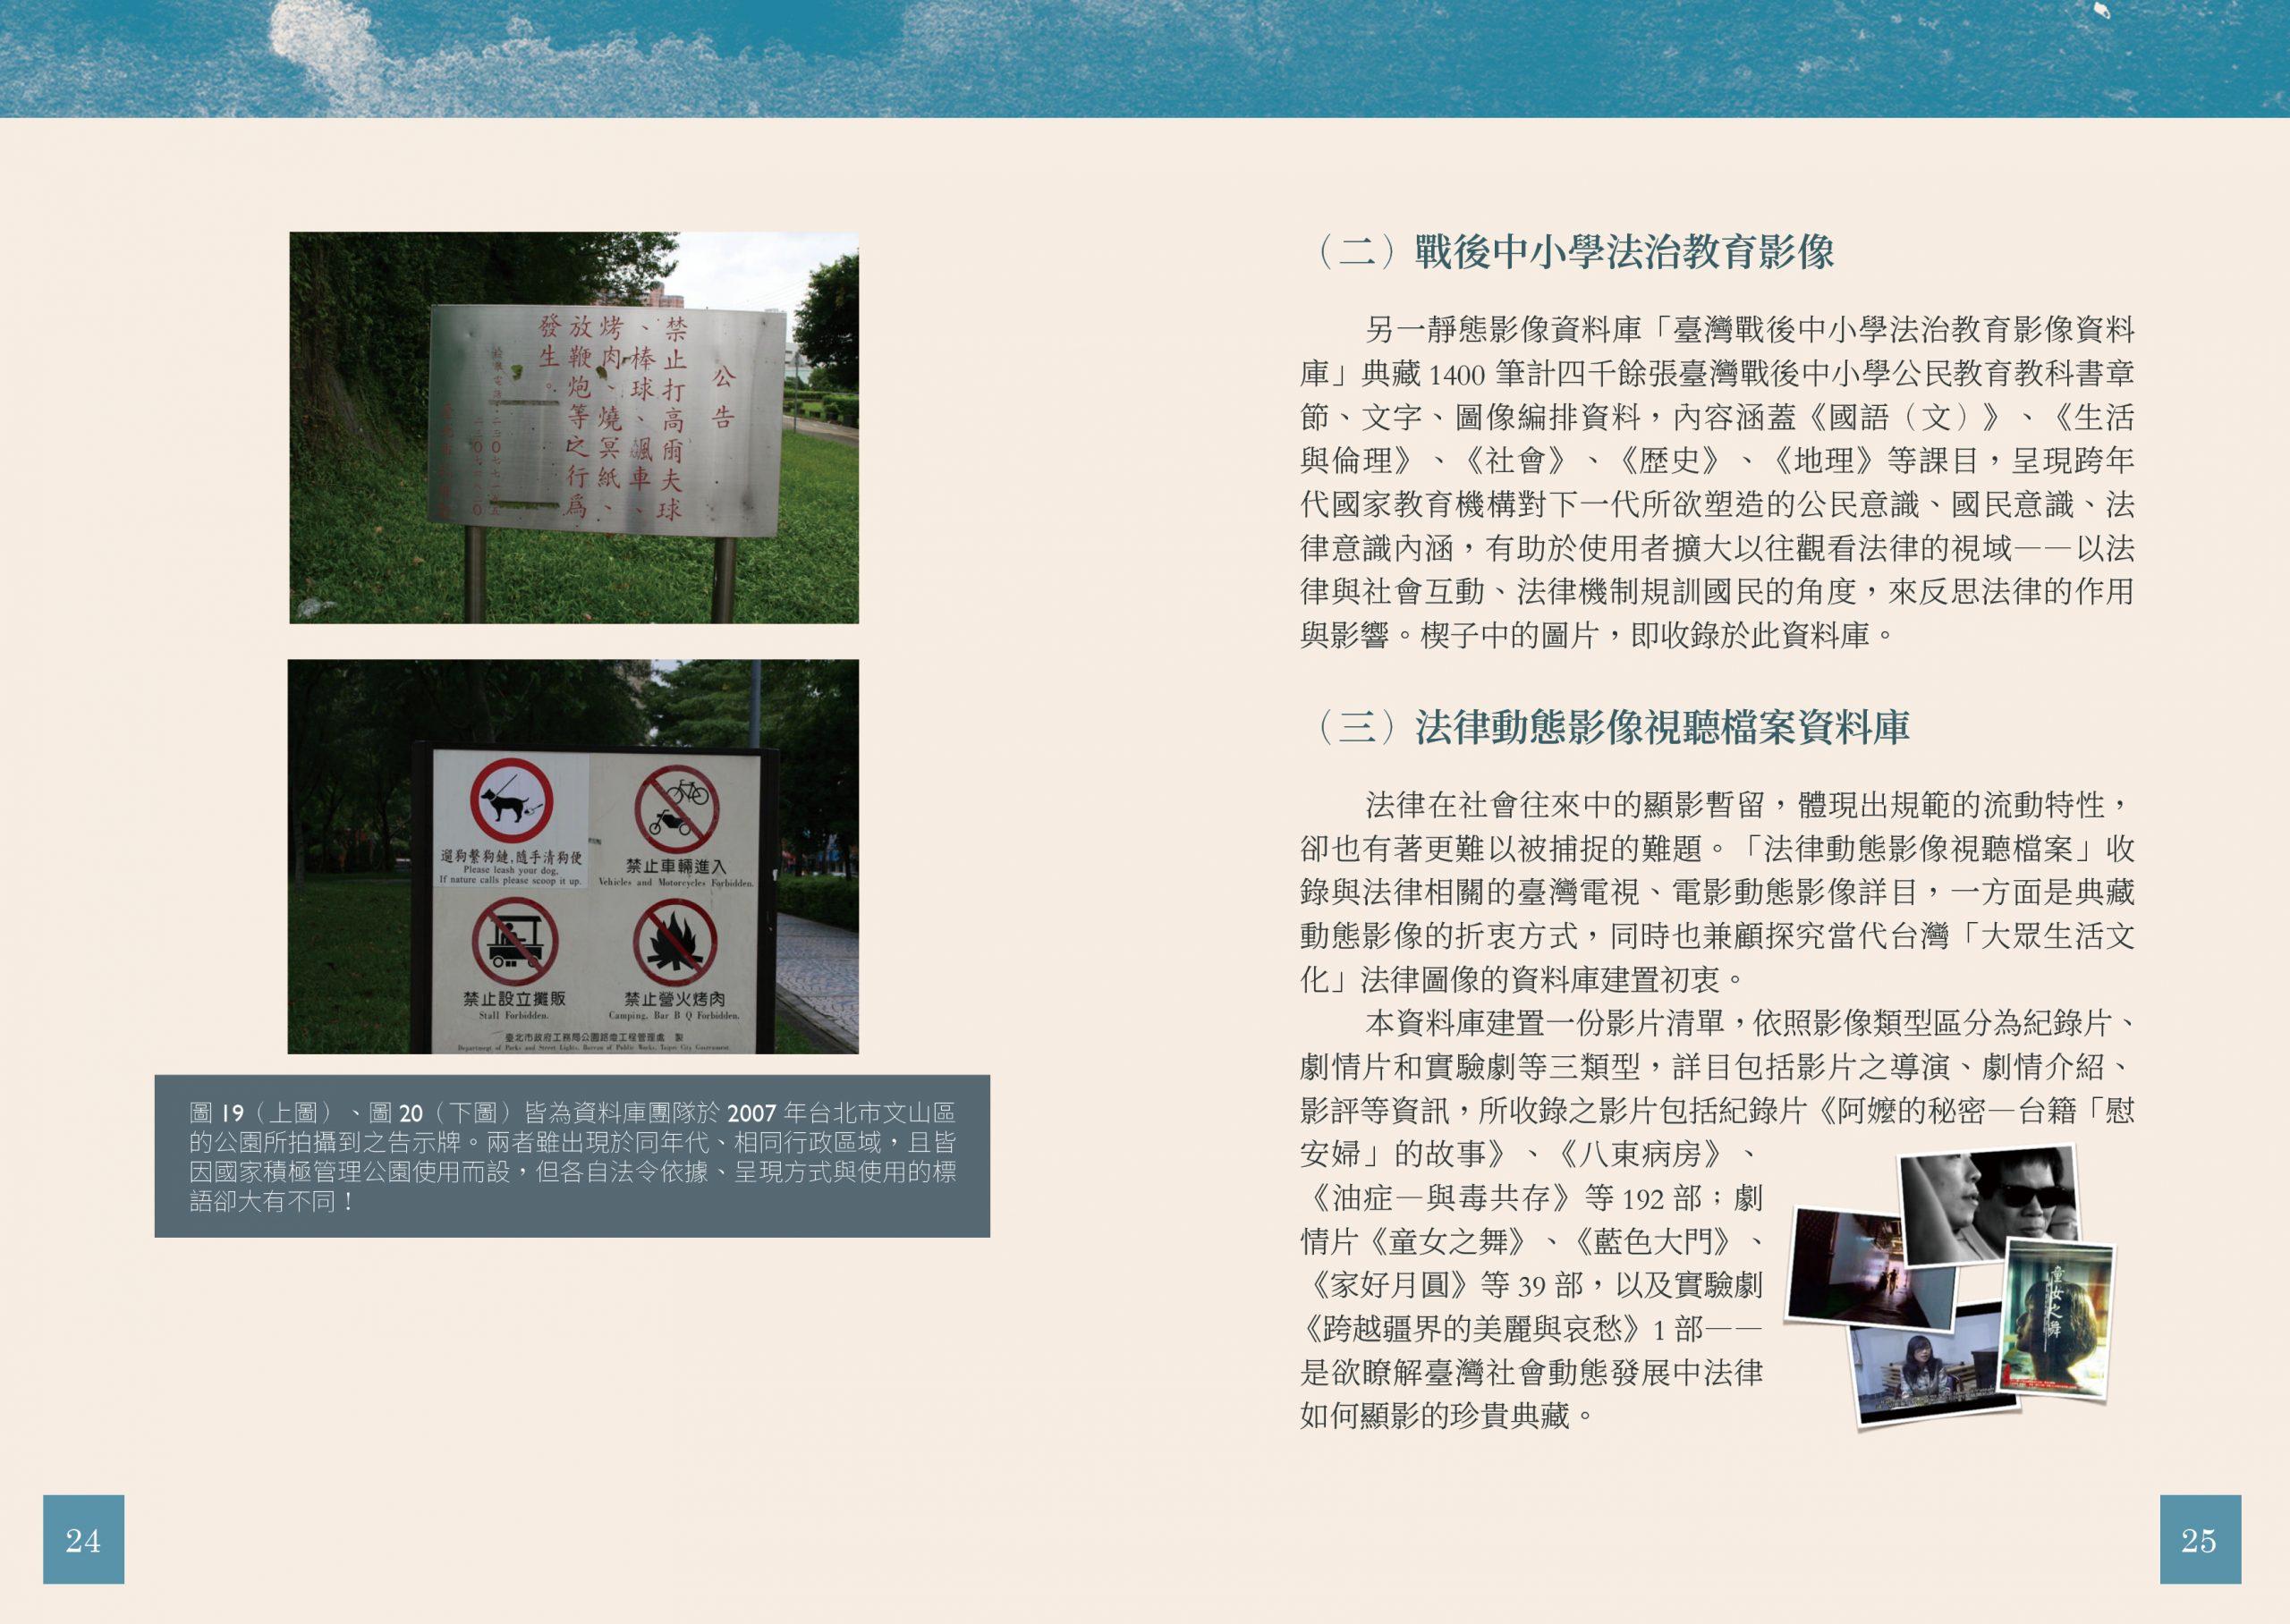 台灣法實證資料庫介紹手冊內文_1001-213